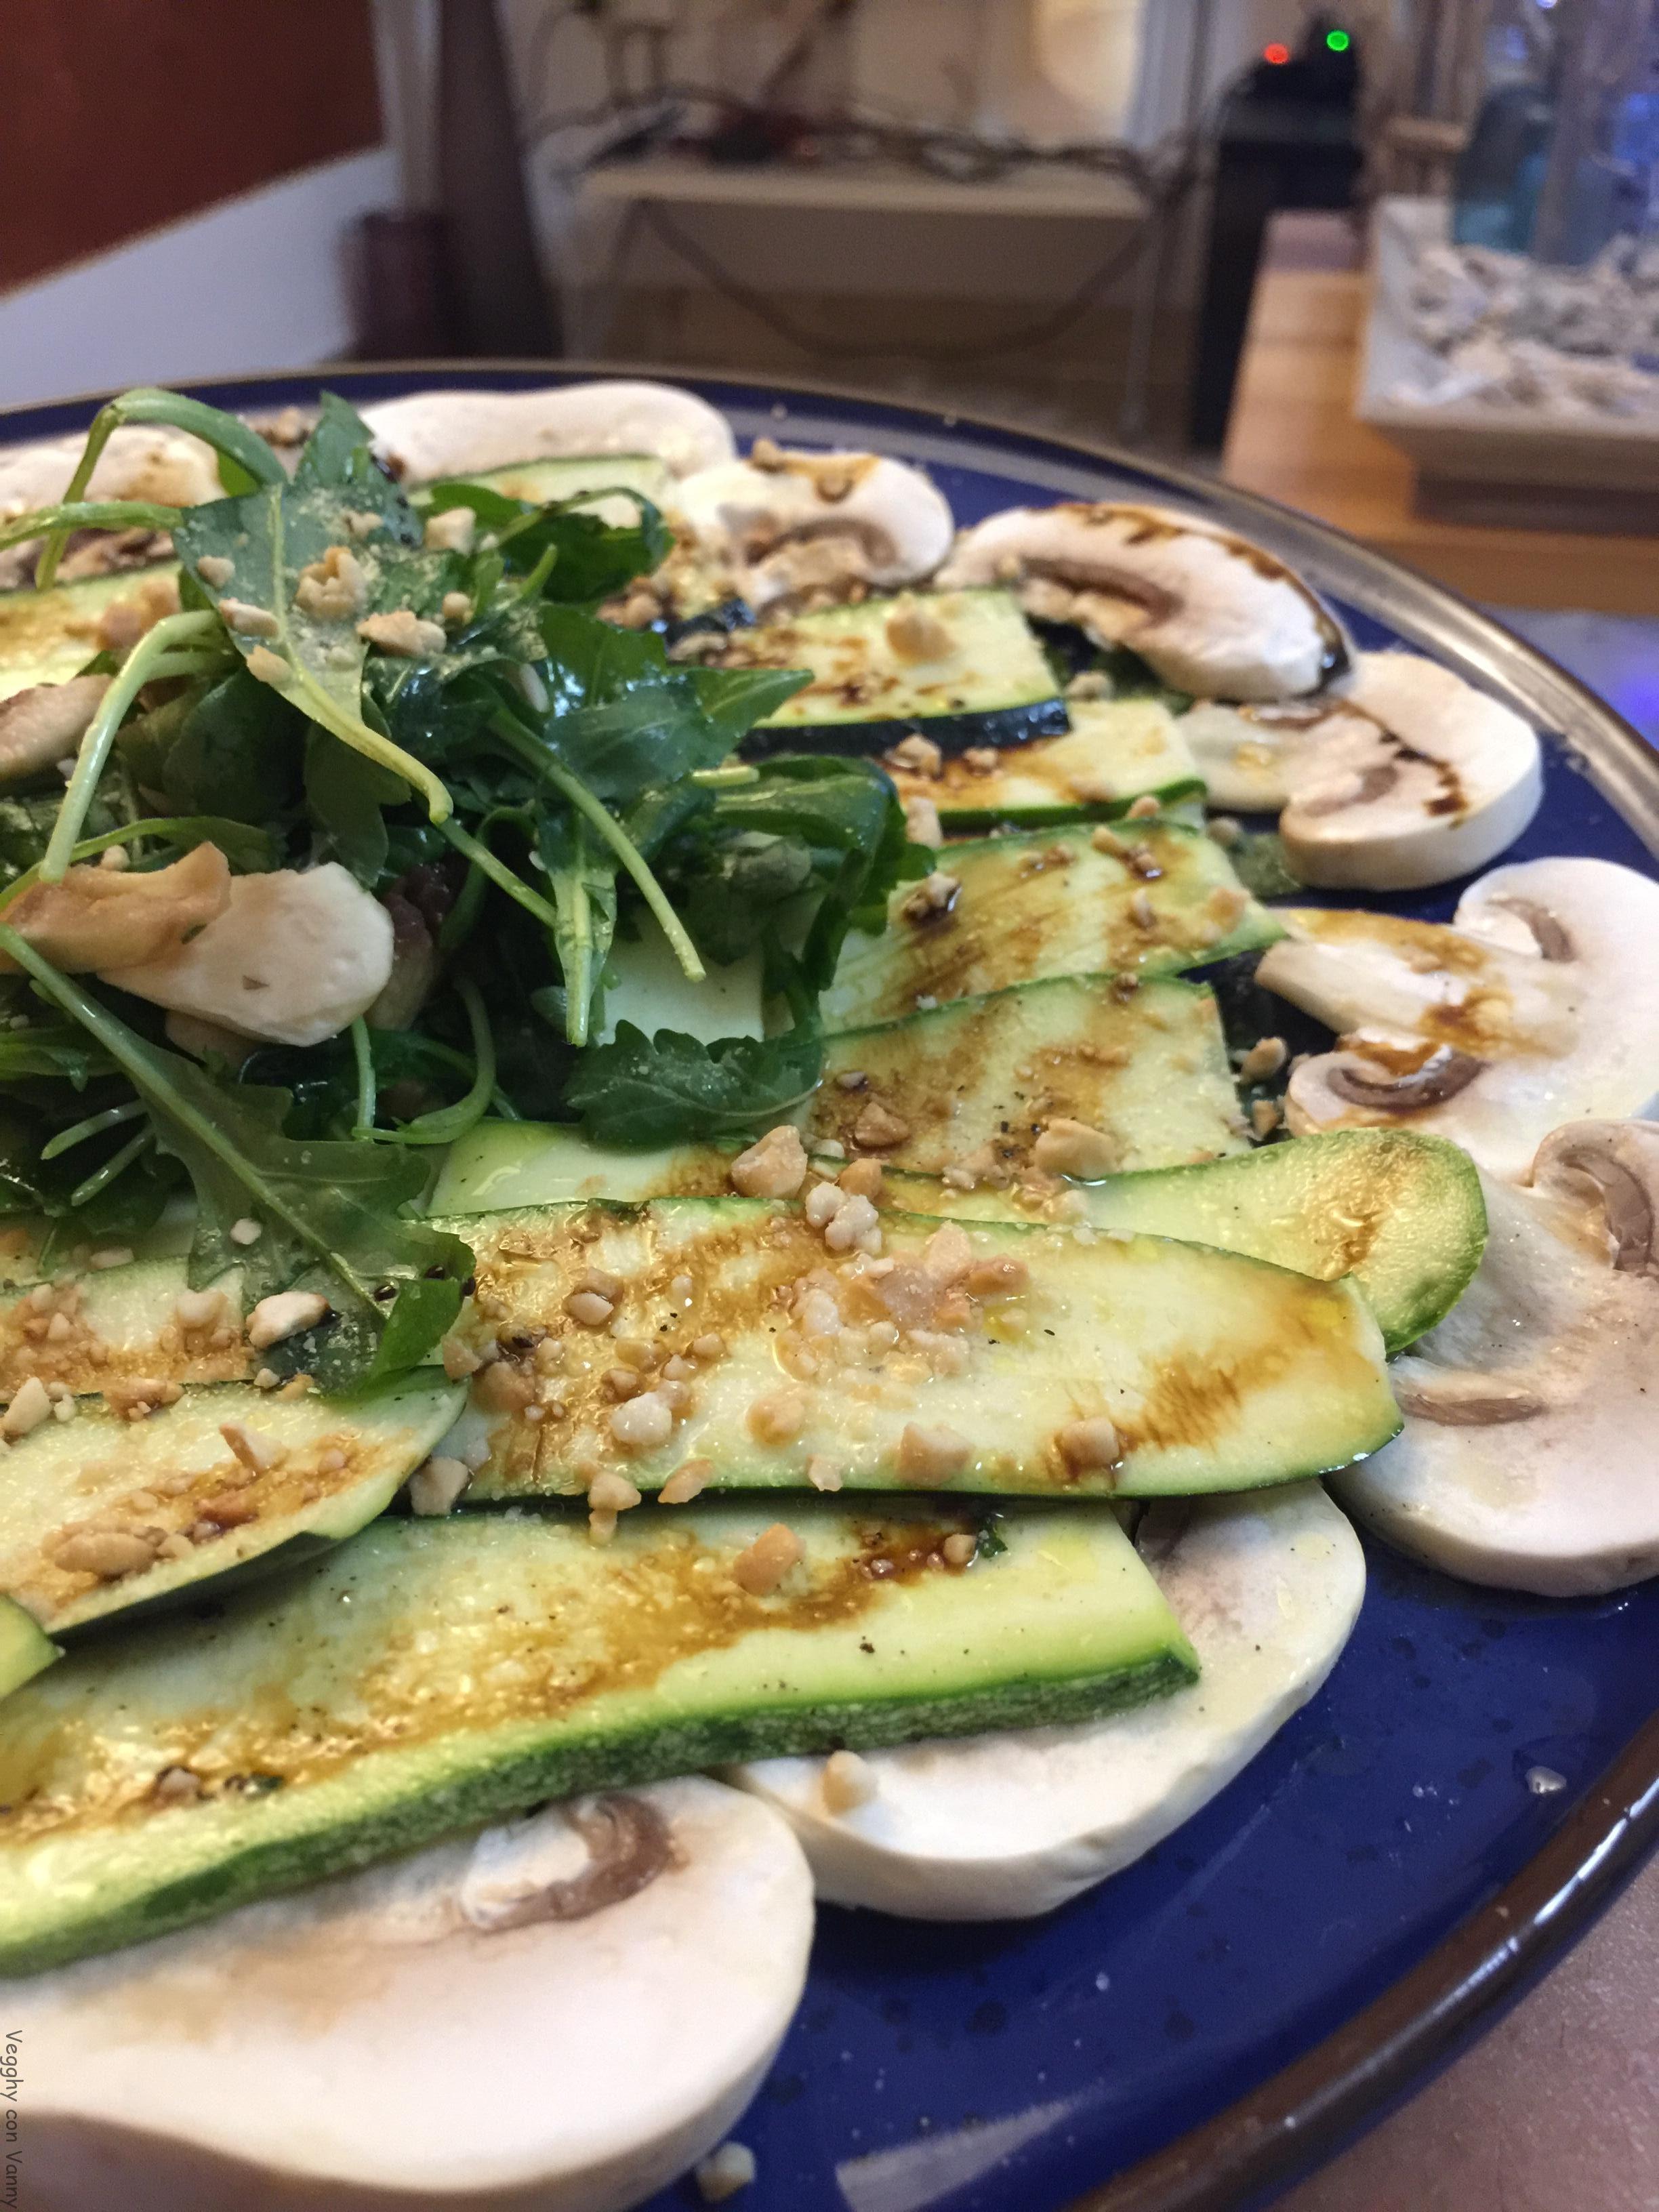 Carpaccio di zucchine e champignon con melassa e granella di anacardi (vegan)